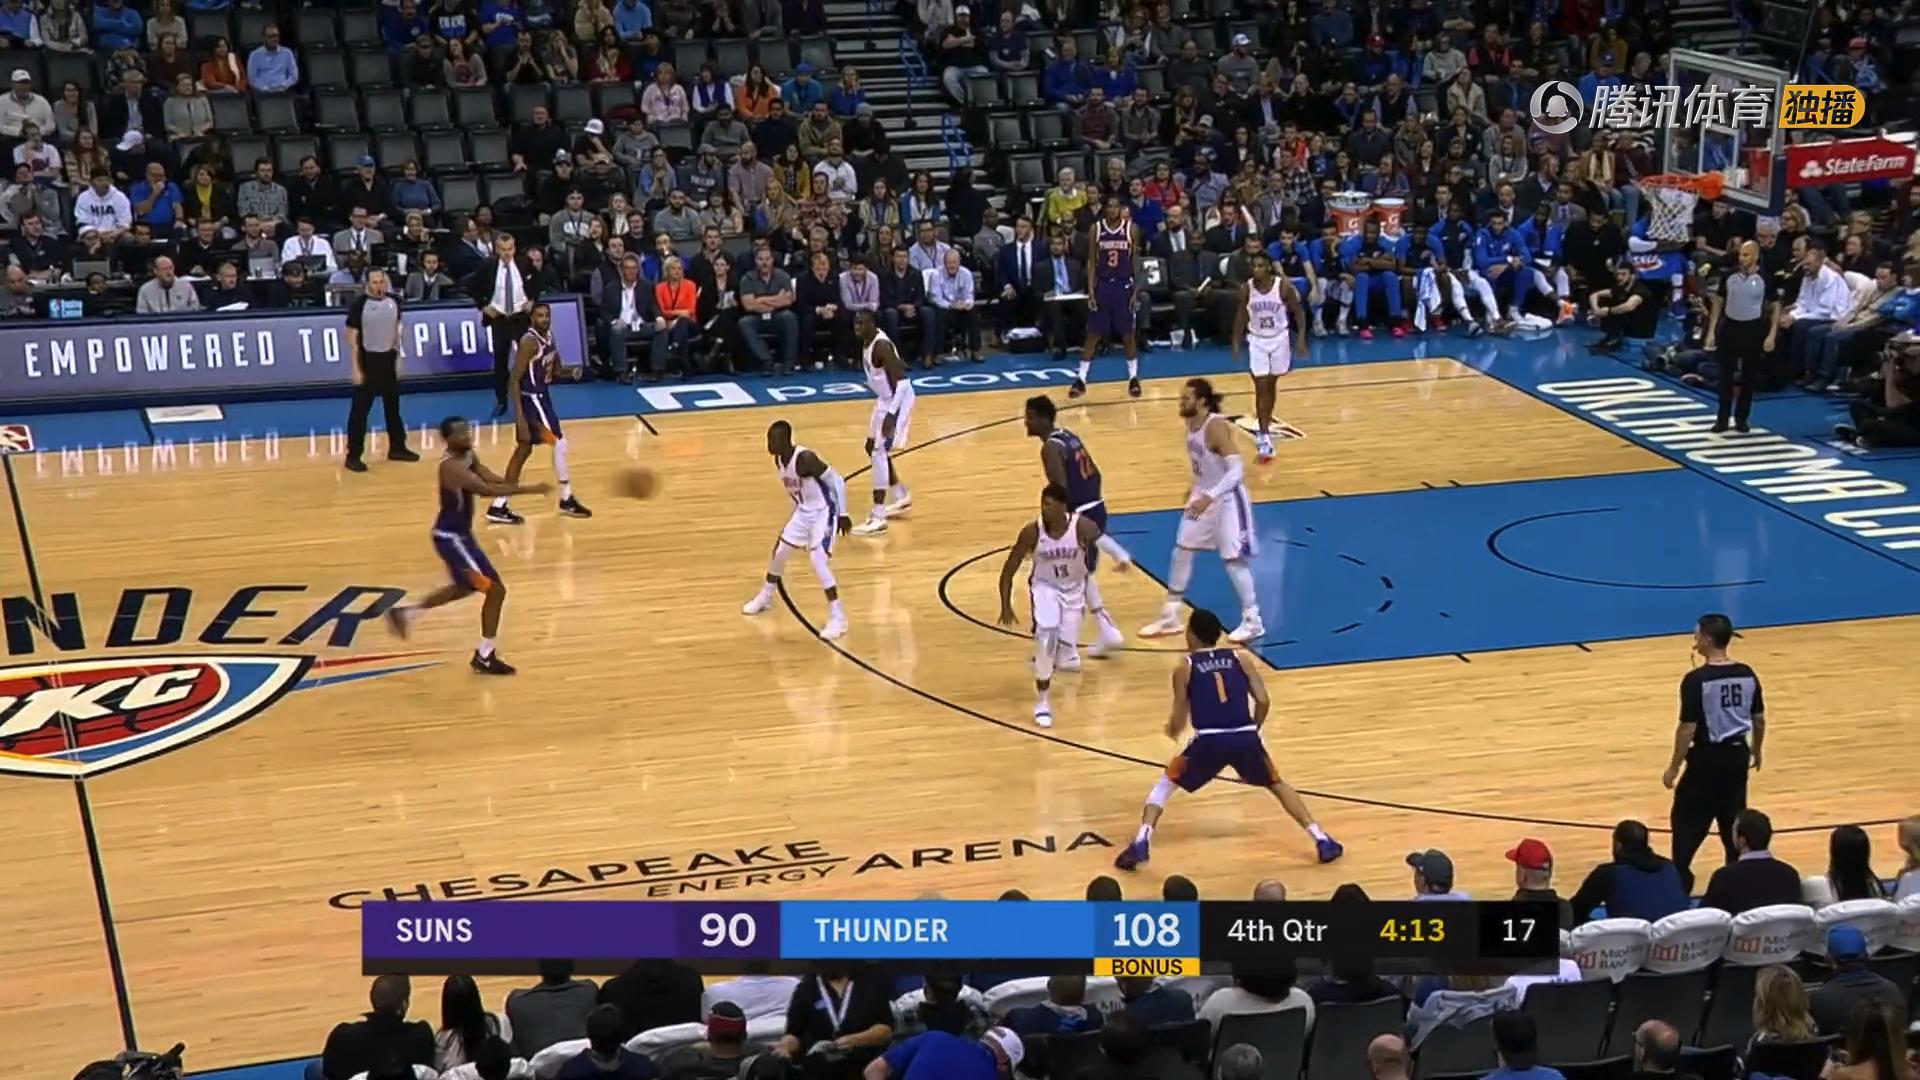 2018年11月13日 NBA常规赛 太阳VS雷霆 全场高清录像回放-麦豆网